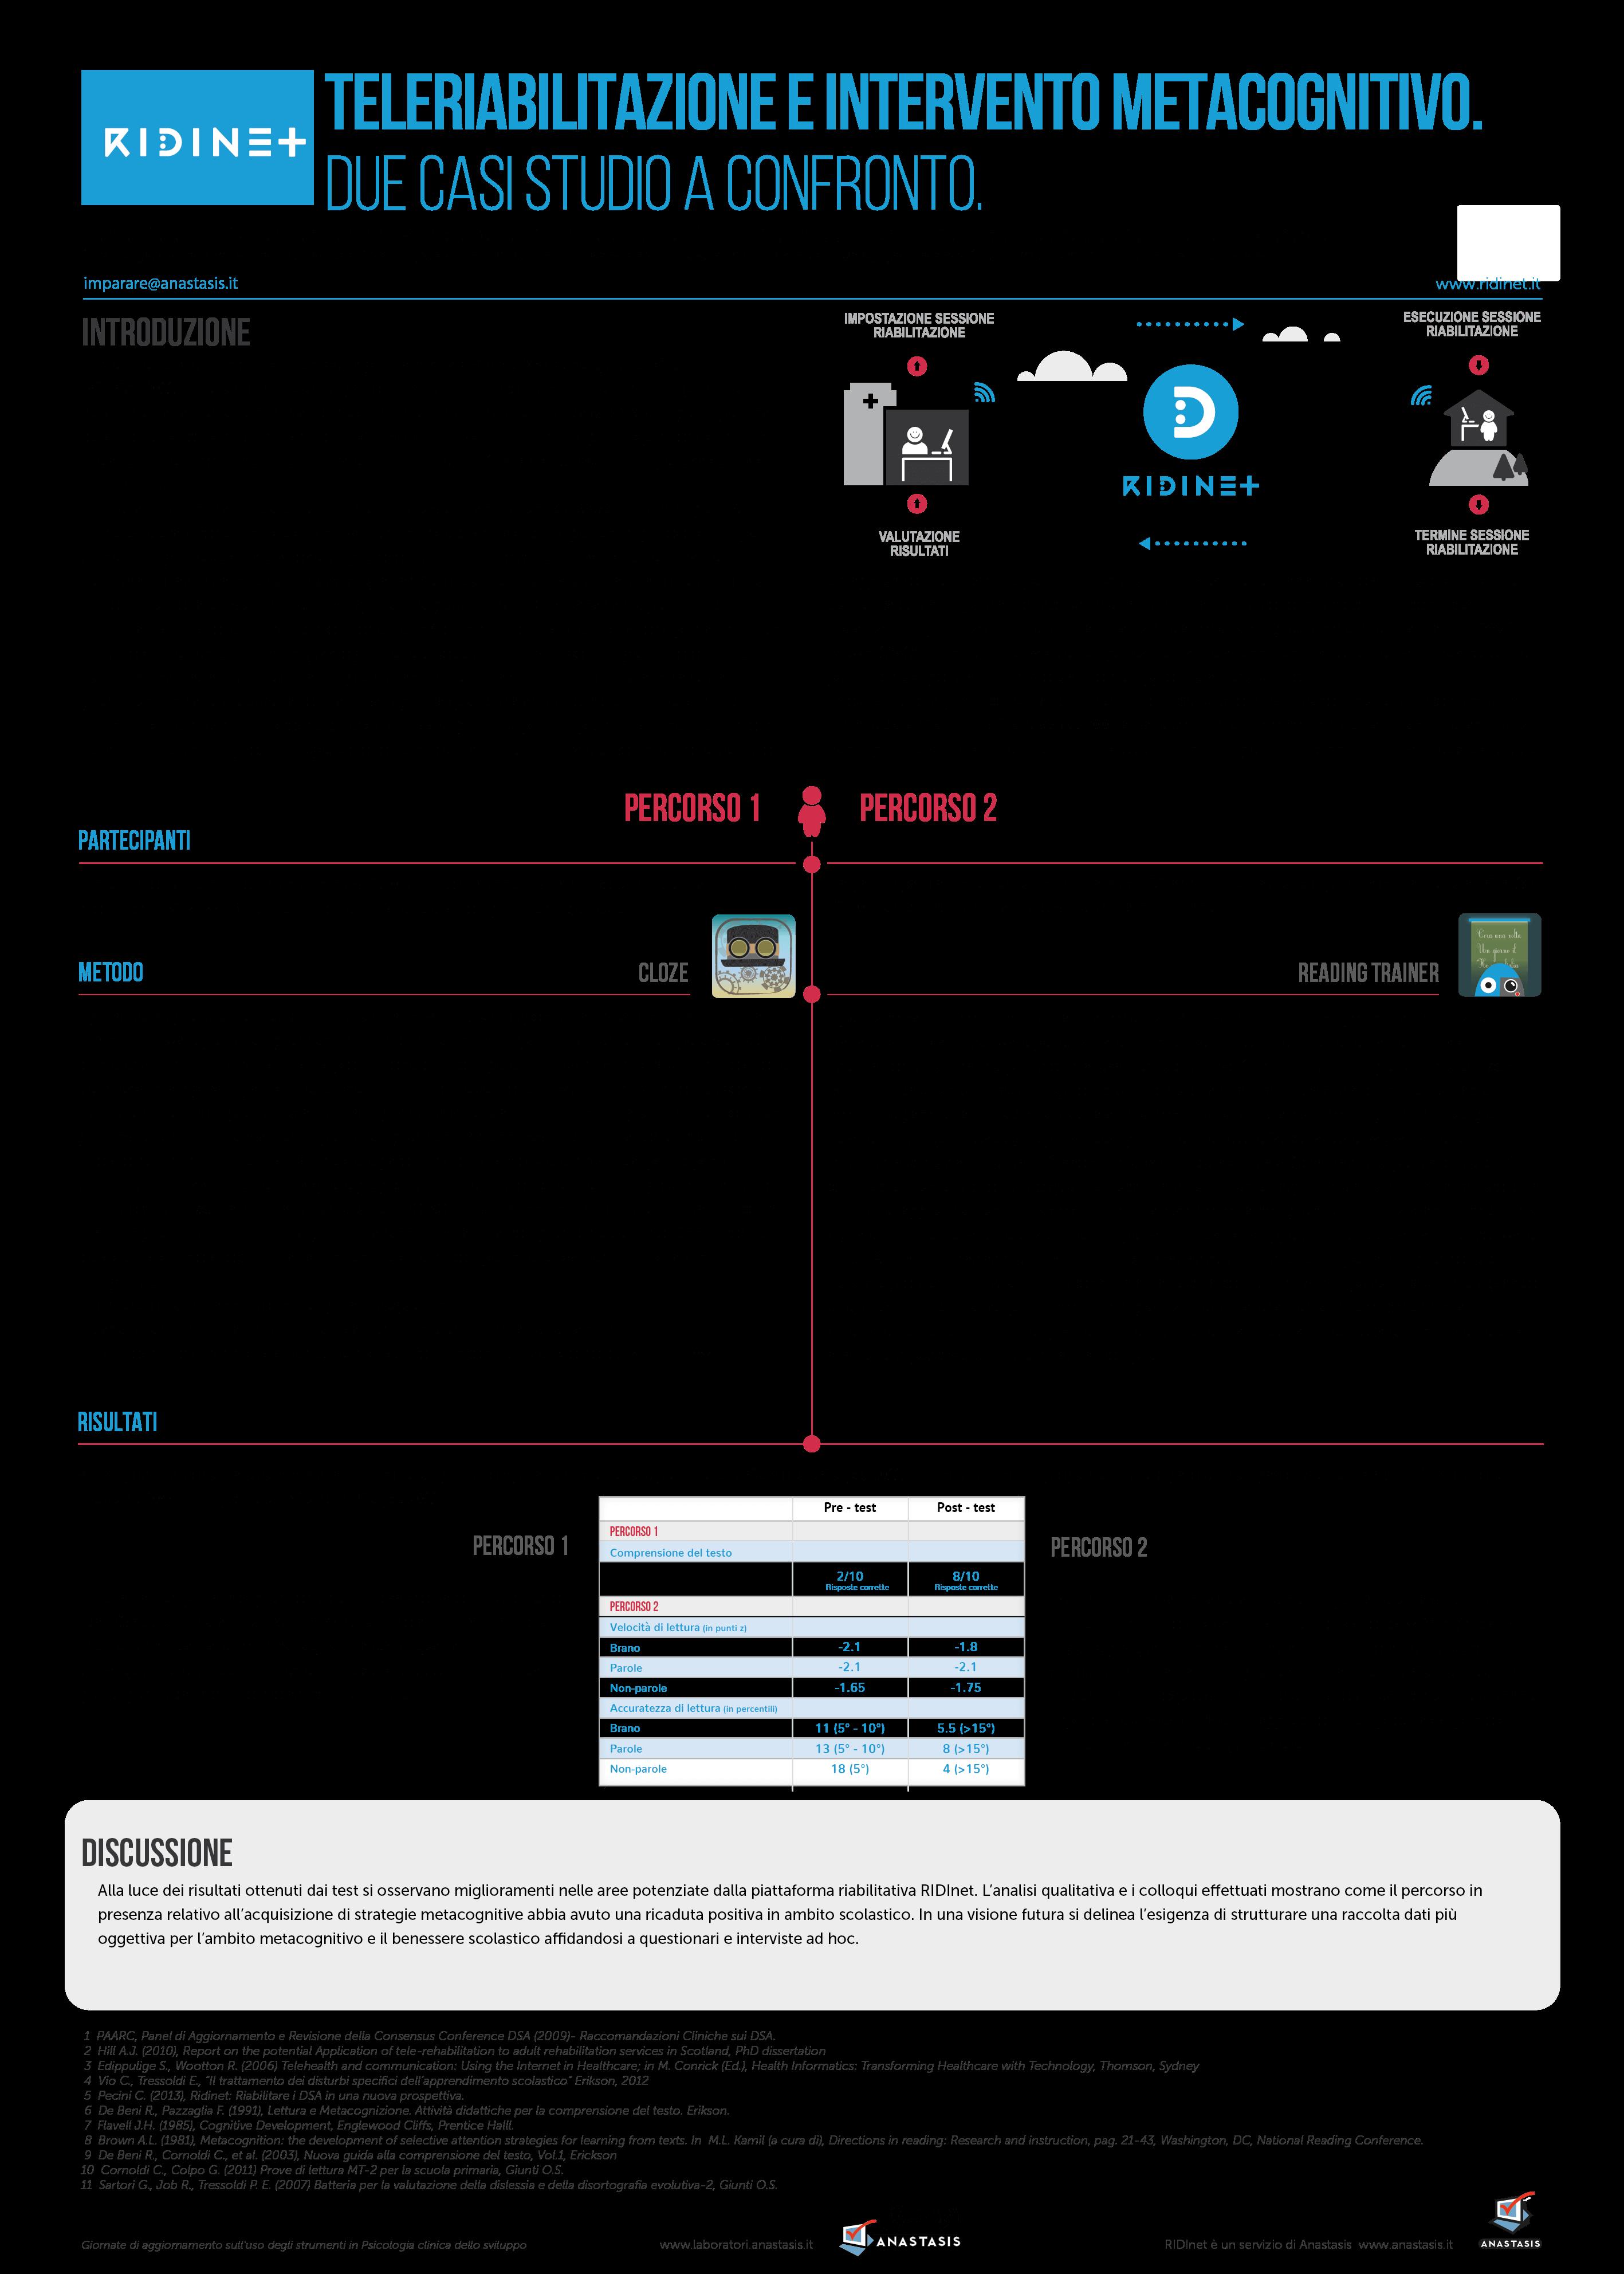 Poster Teleriabilitazione e intervento metacognitivo